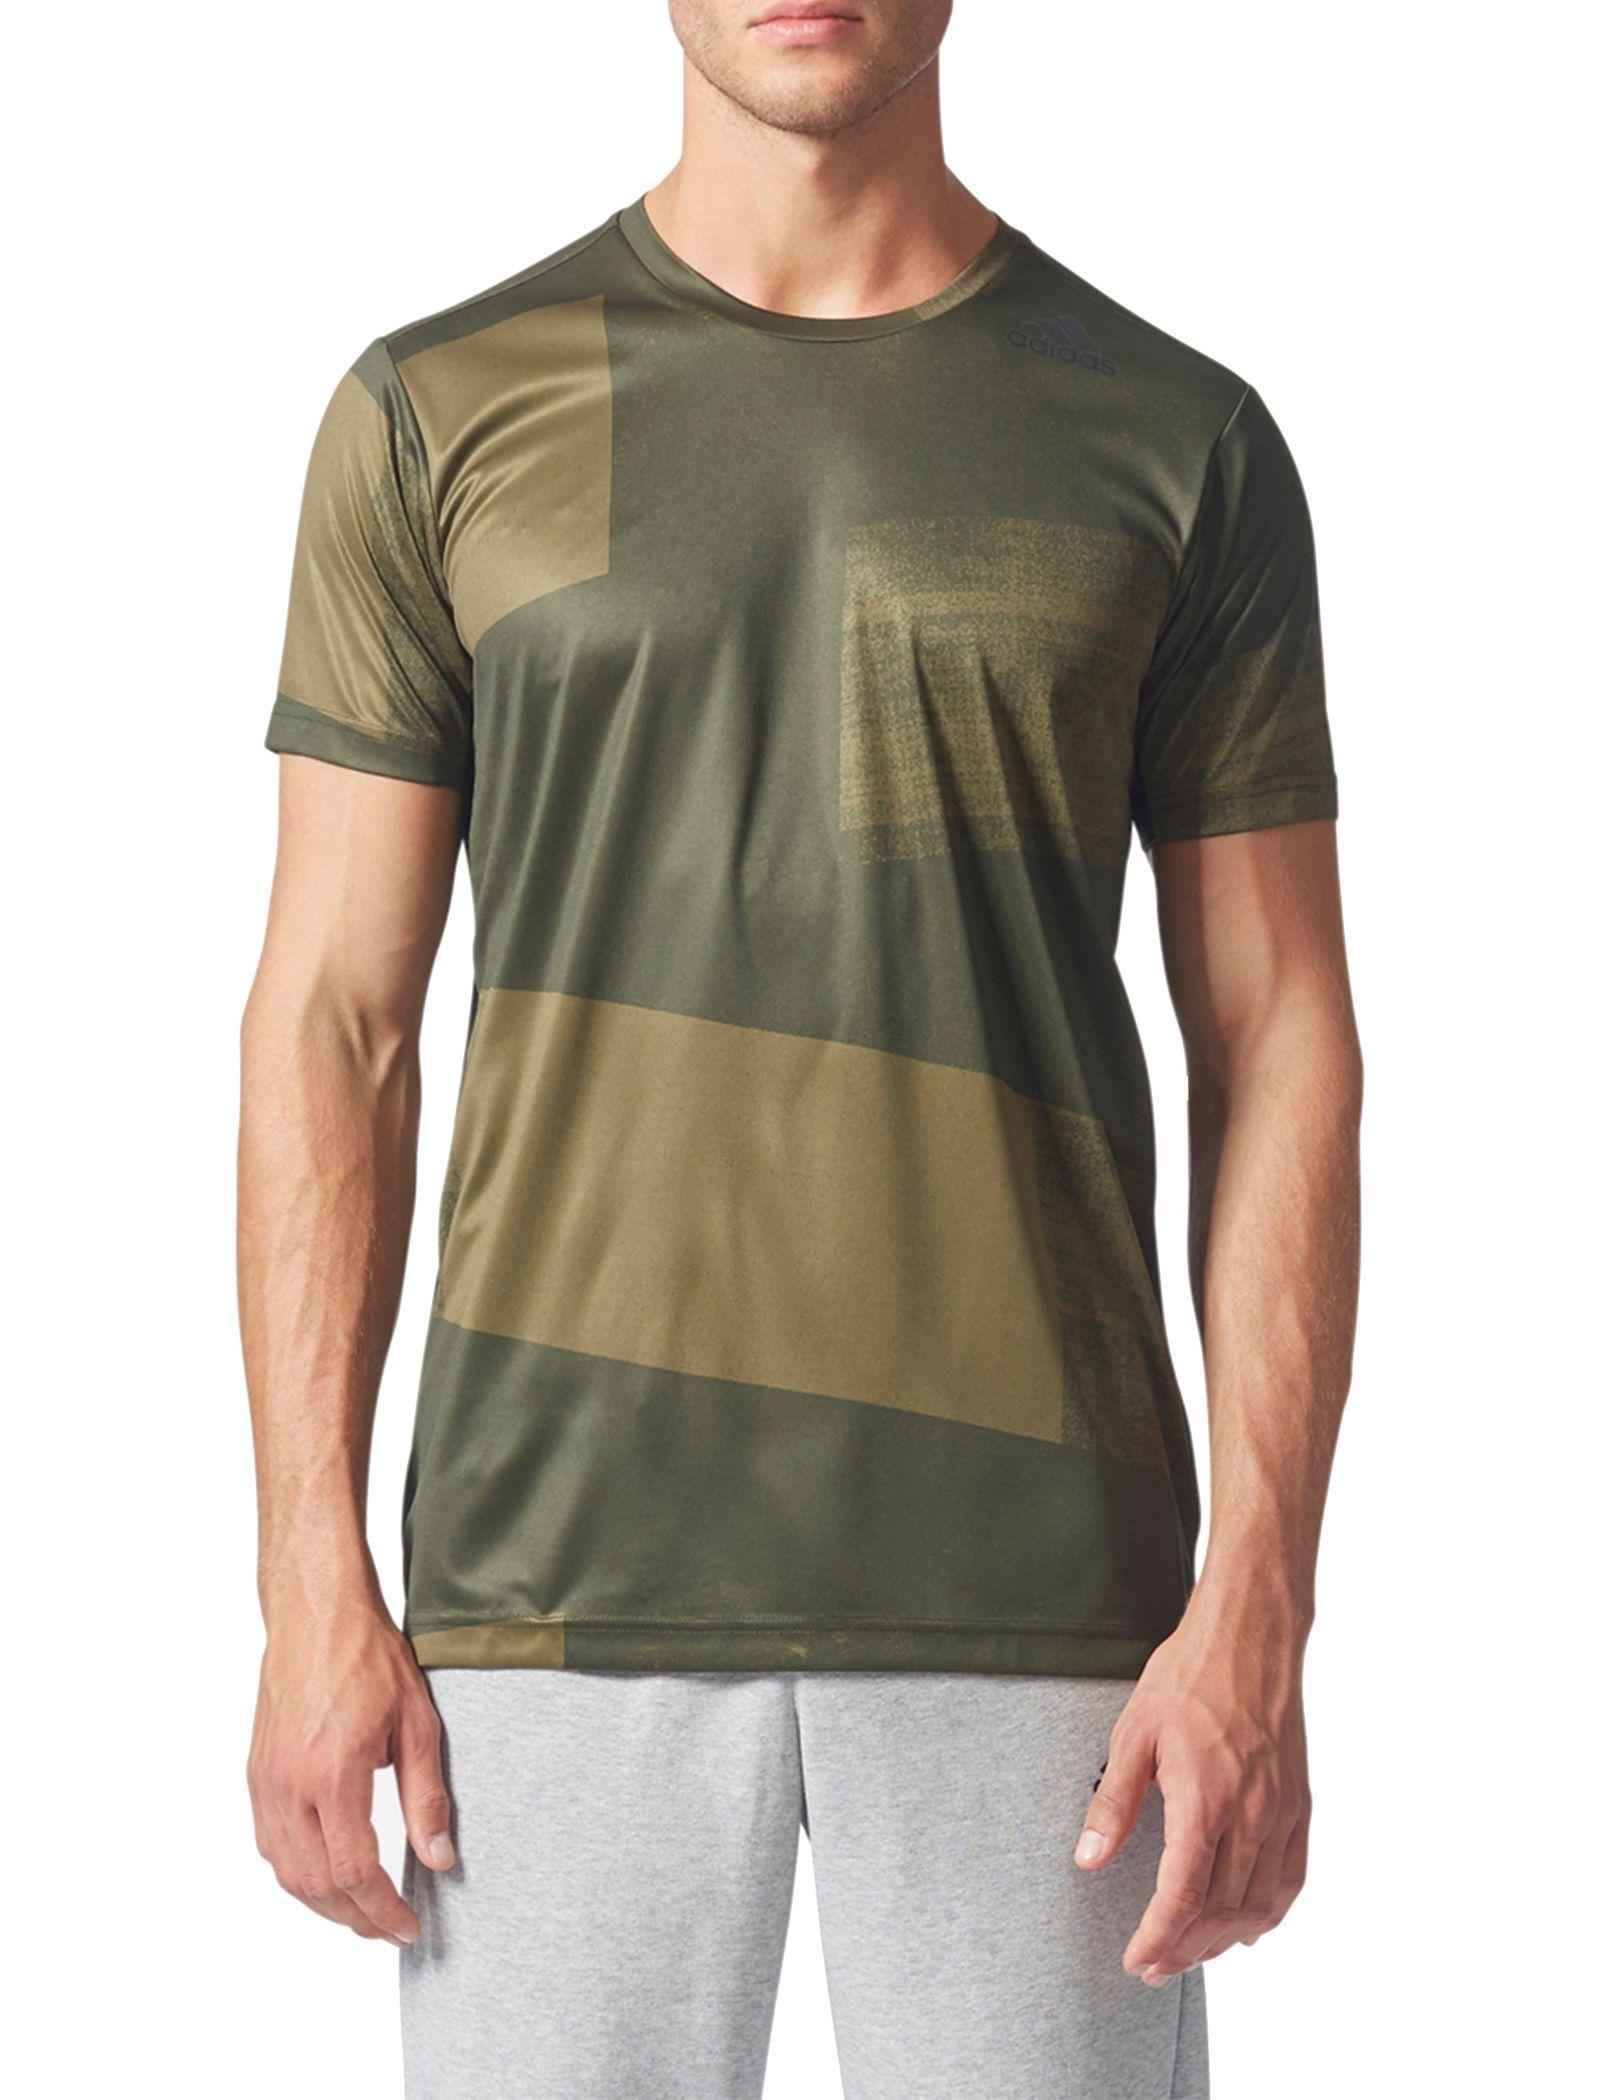 تی شرت ورزشی یقه گرد مردانه Freelift Climacool - آدیداس - زيتوني - 1